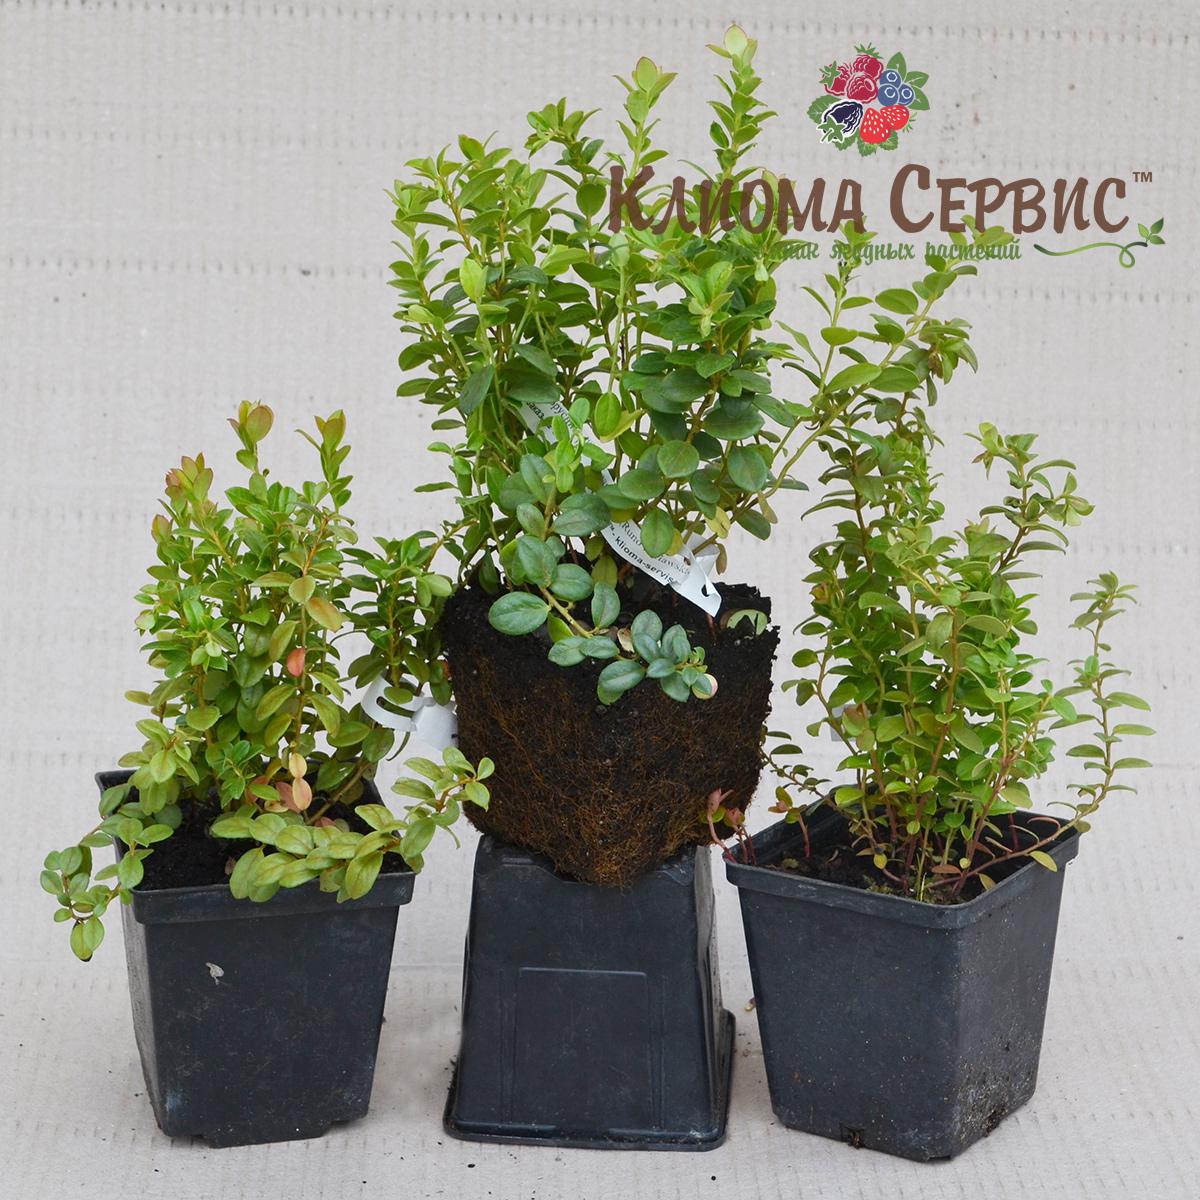 саженцы брусники, саженцы брусник купить оптом в Украине, купить саженцы брусники садовой